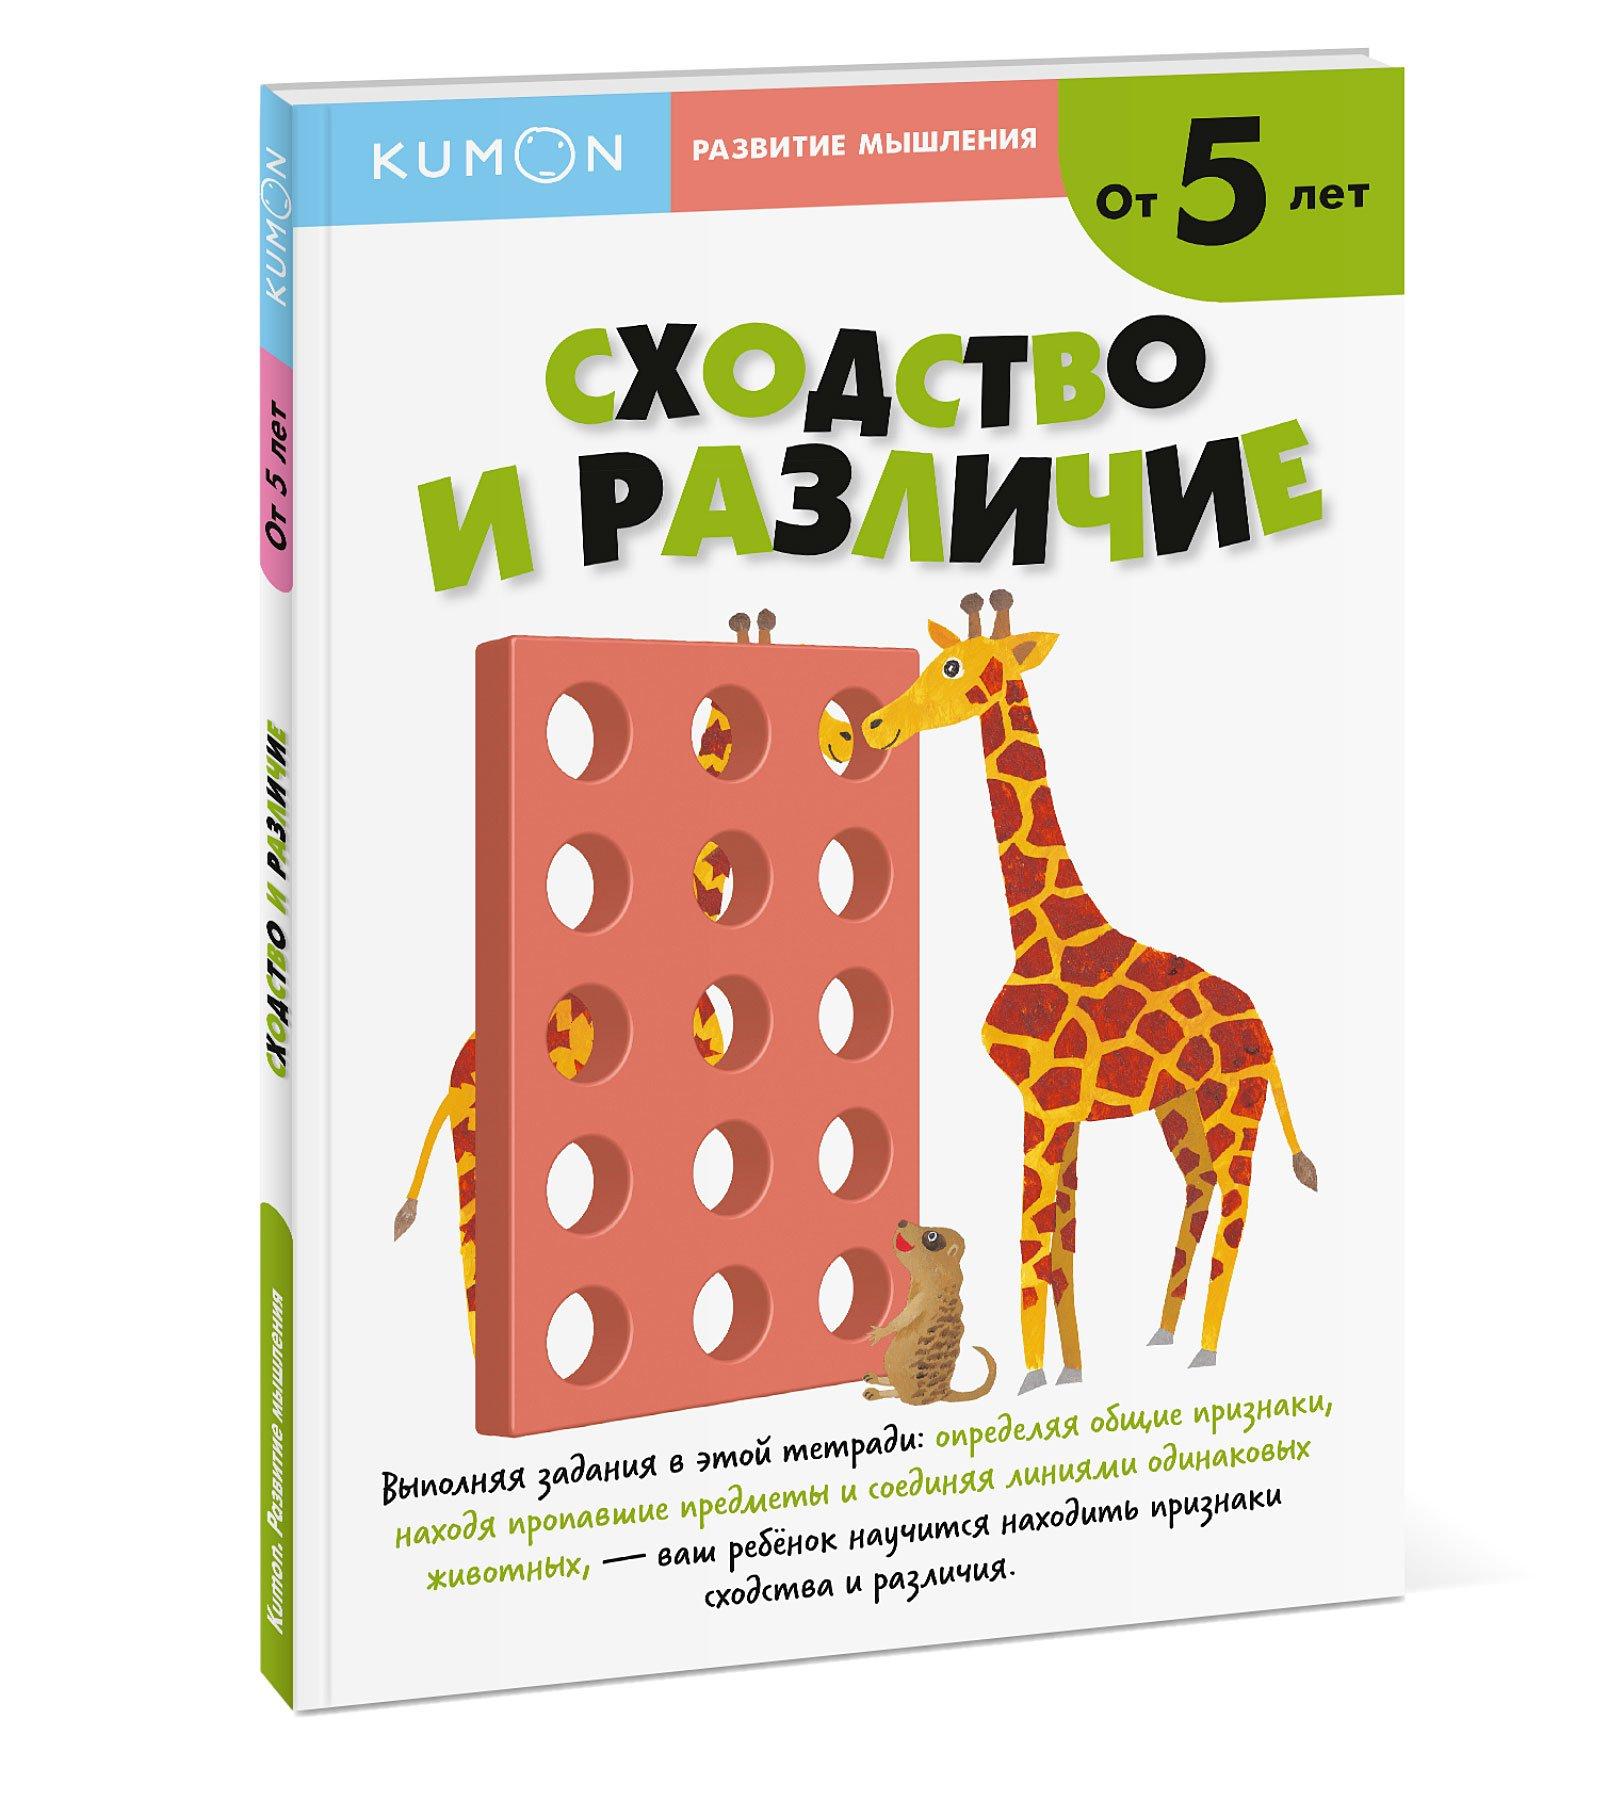 Kumon Развитие мышления. Сходство и различие (от 5 лет) kumon развитие мышления творческие способности от 5 лет